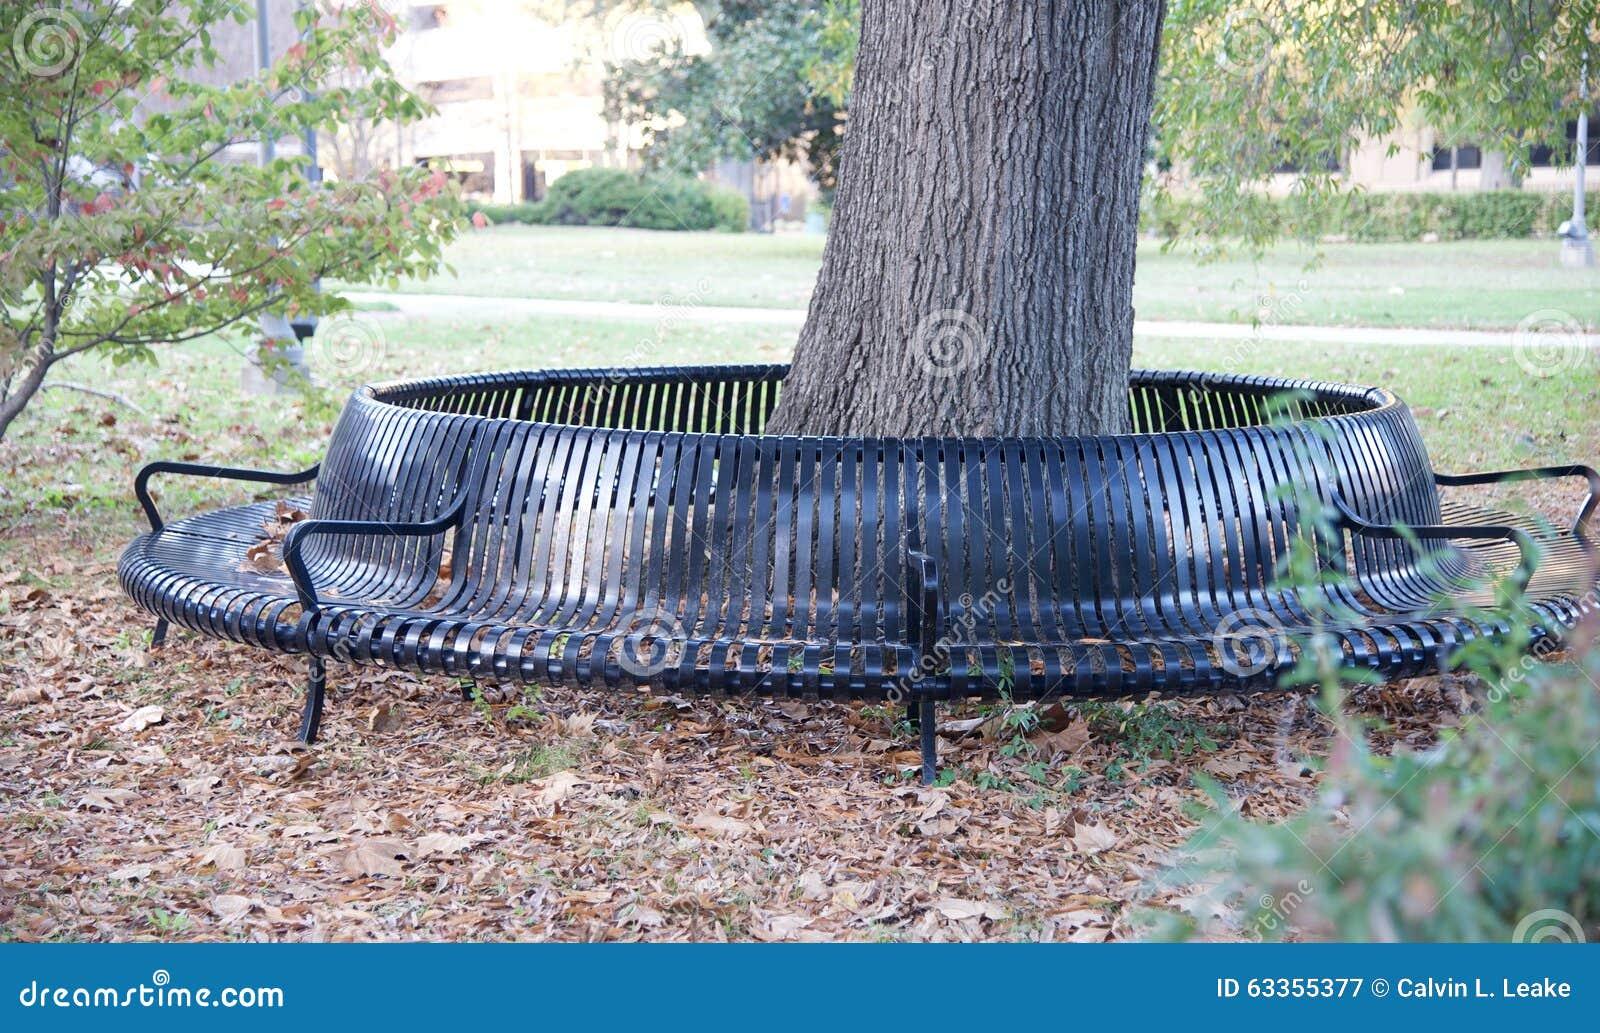 Unique City Park Bench Stock Photo Image 63355377